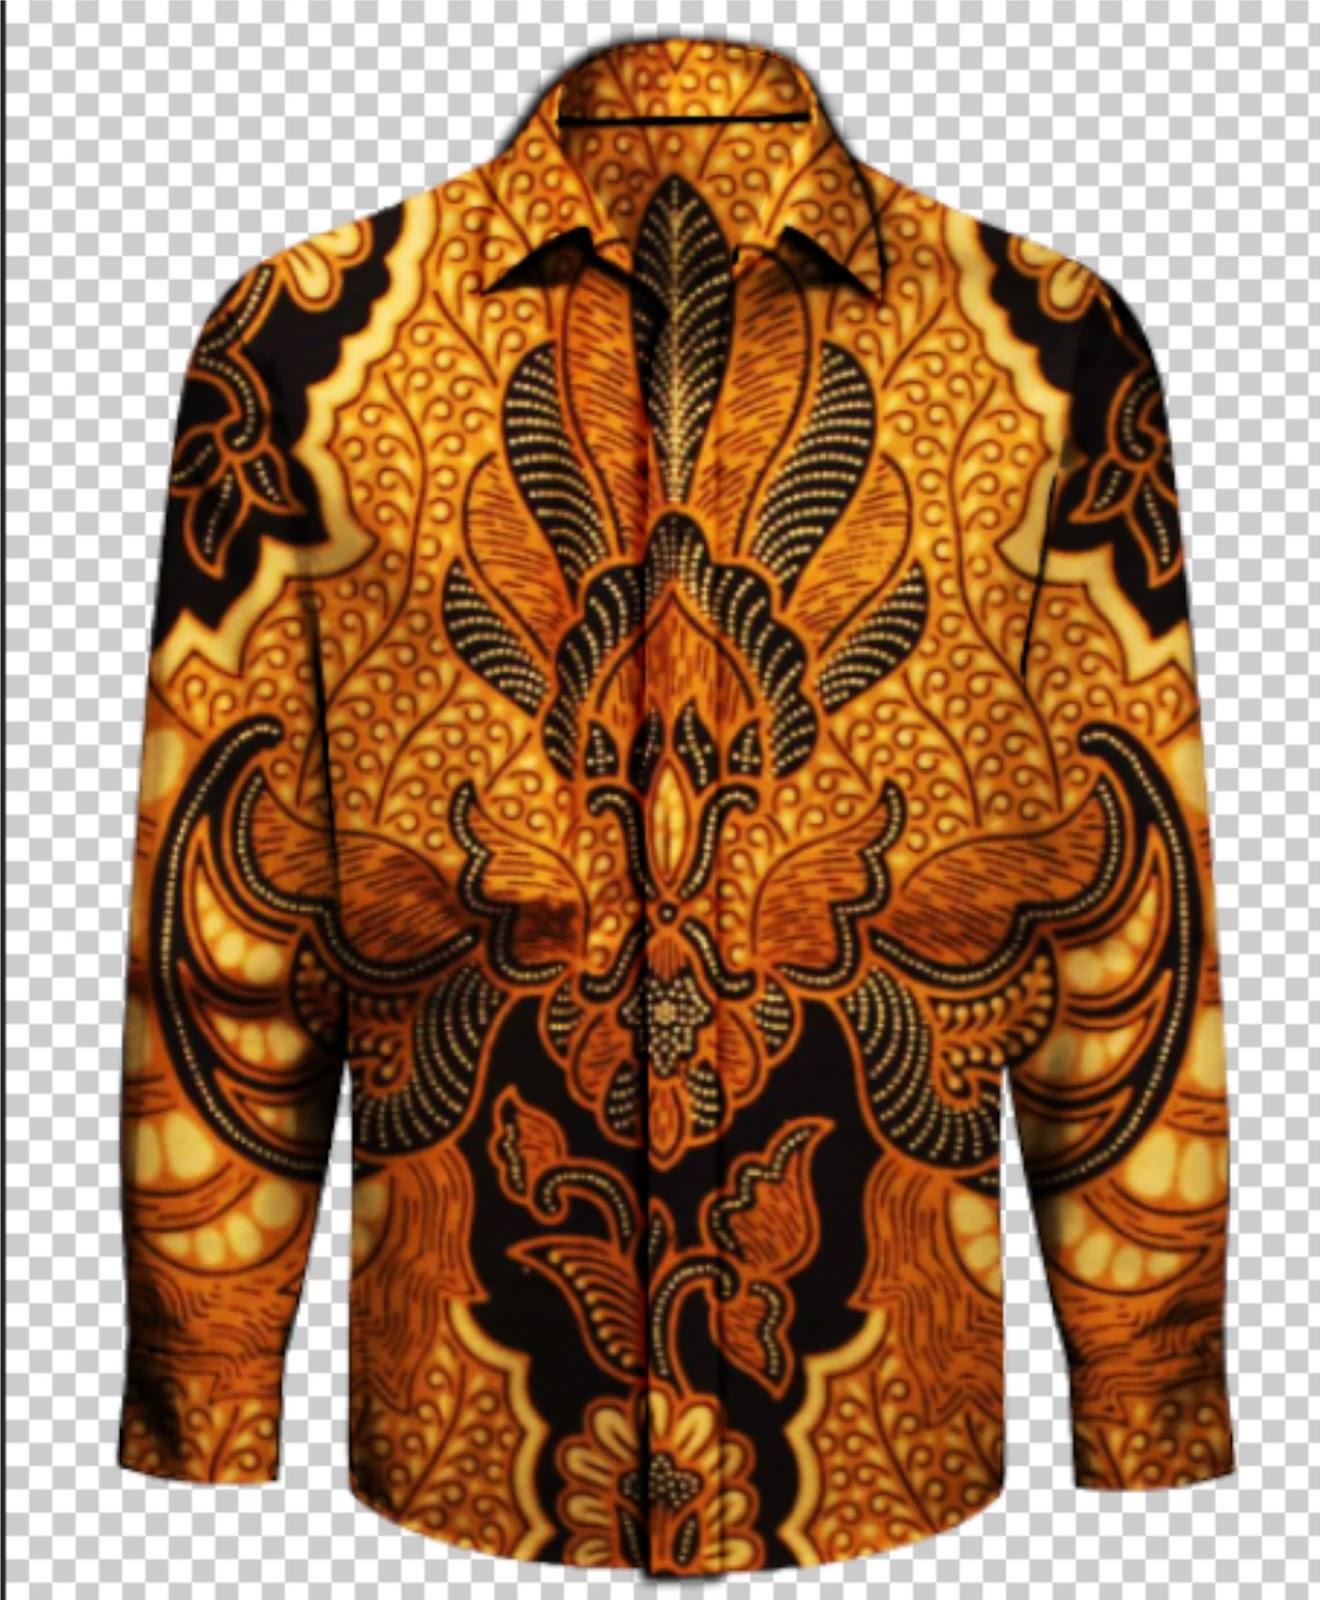 Tutorial Mudah Desain Baju Batik Pria dengan Photoshop ...